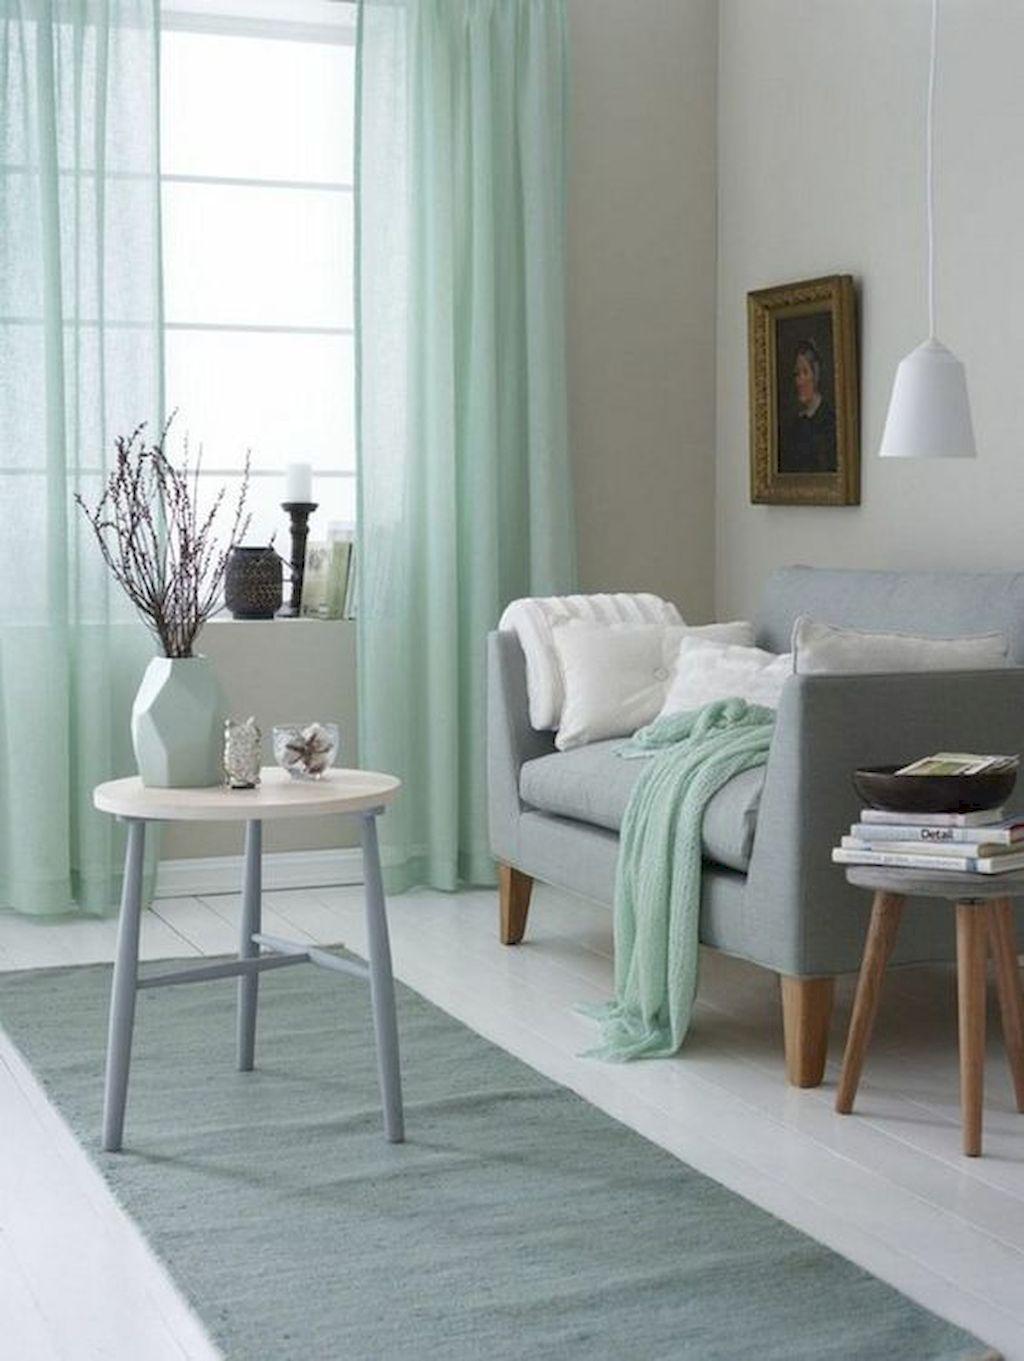 Tư vấn thiết kế căn nhà phong cách Scandinavian đơn giản mà đầy tinh tế với chi phí 155 triệu - Ảnh 11.